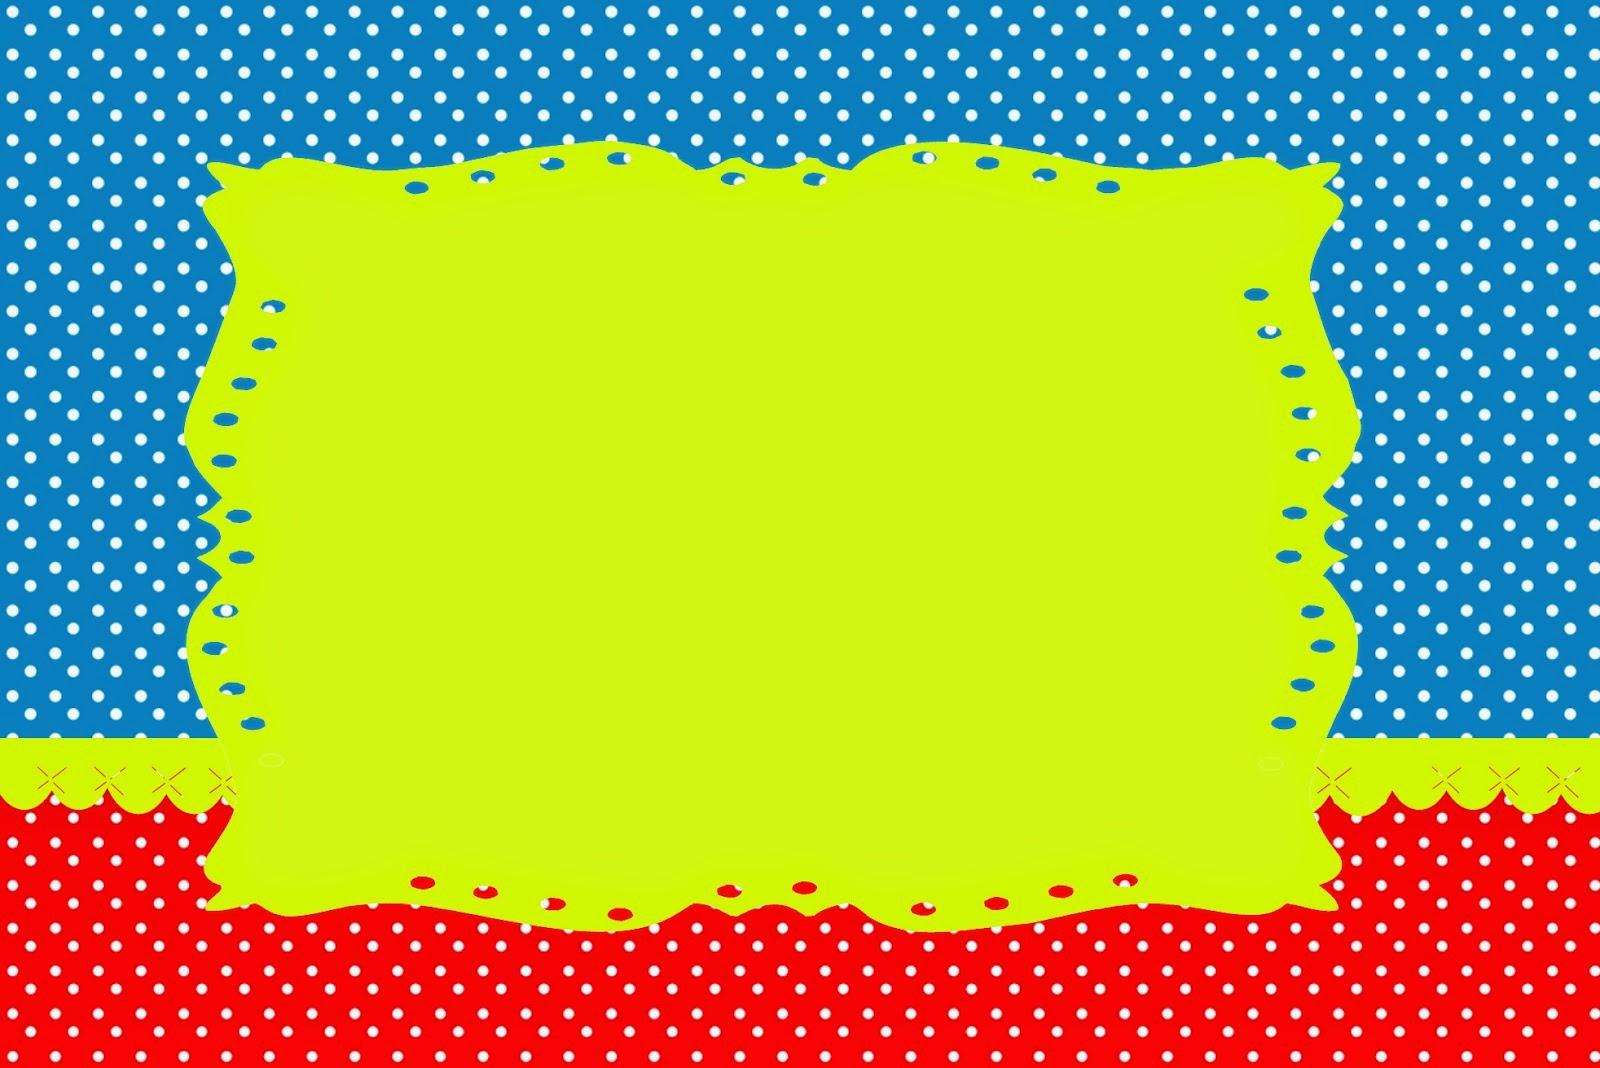 Para hacer invitaciones, tarjetas, marcos de fotos o etiquetas, para imprimir gratis de Rojo, Amarillo y Azul.